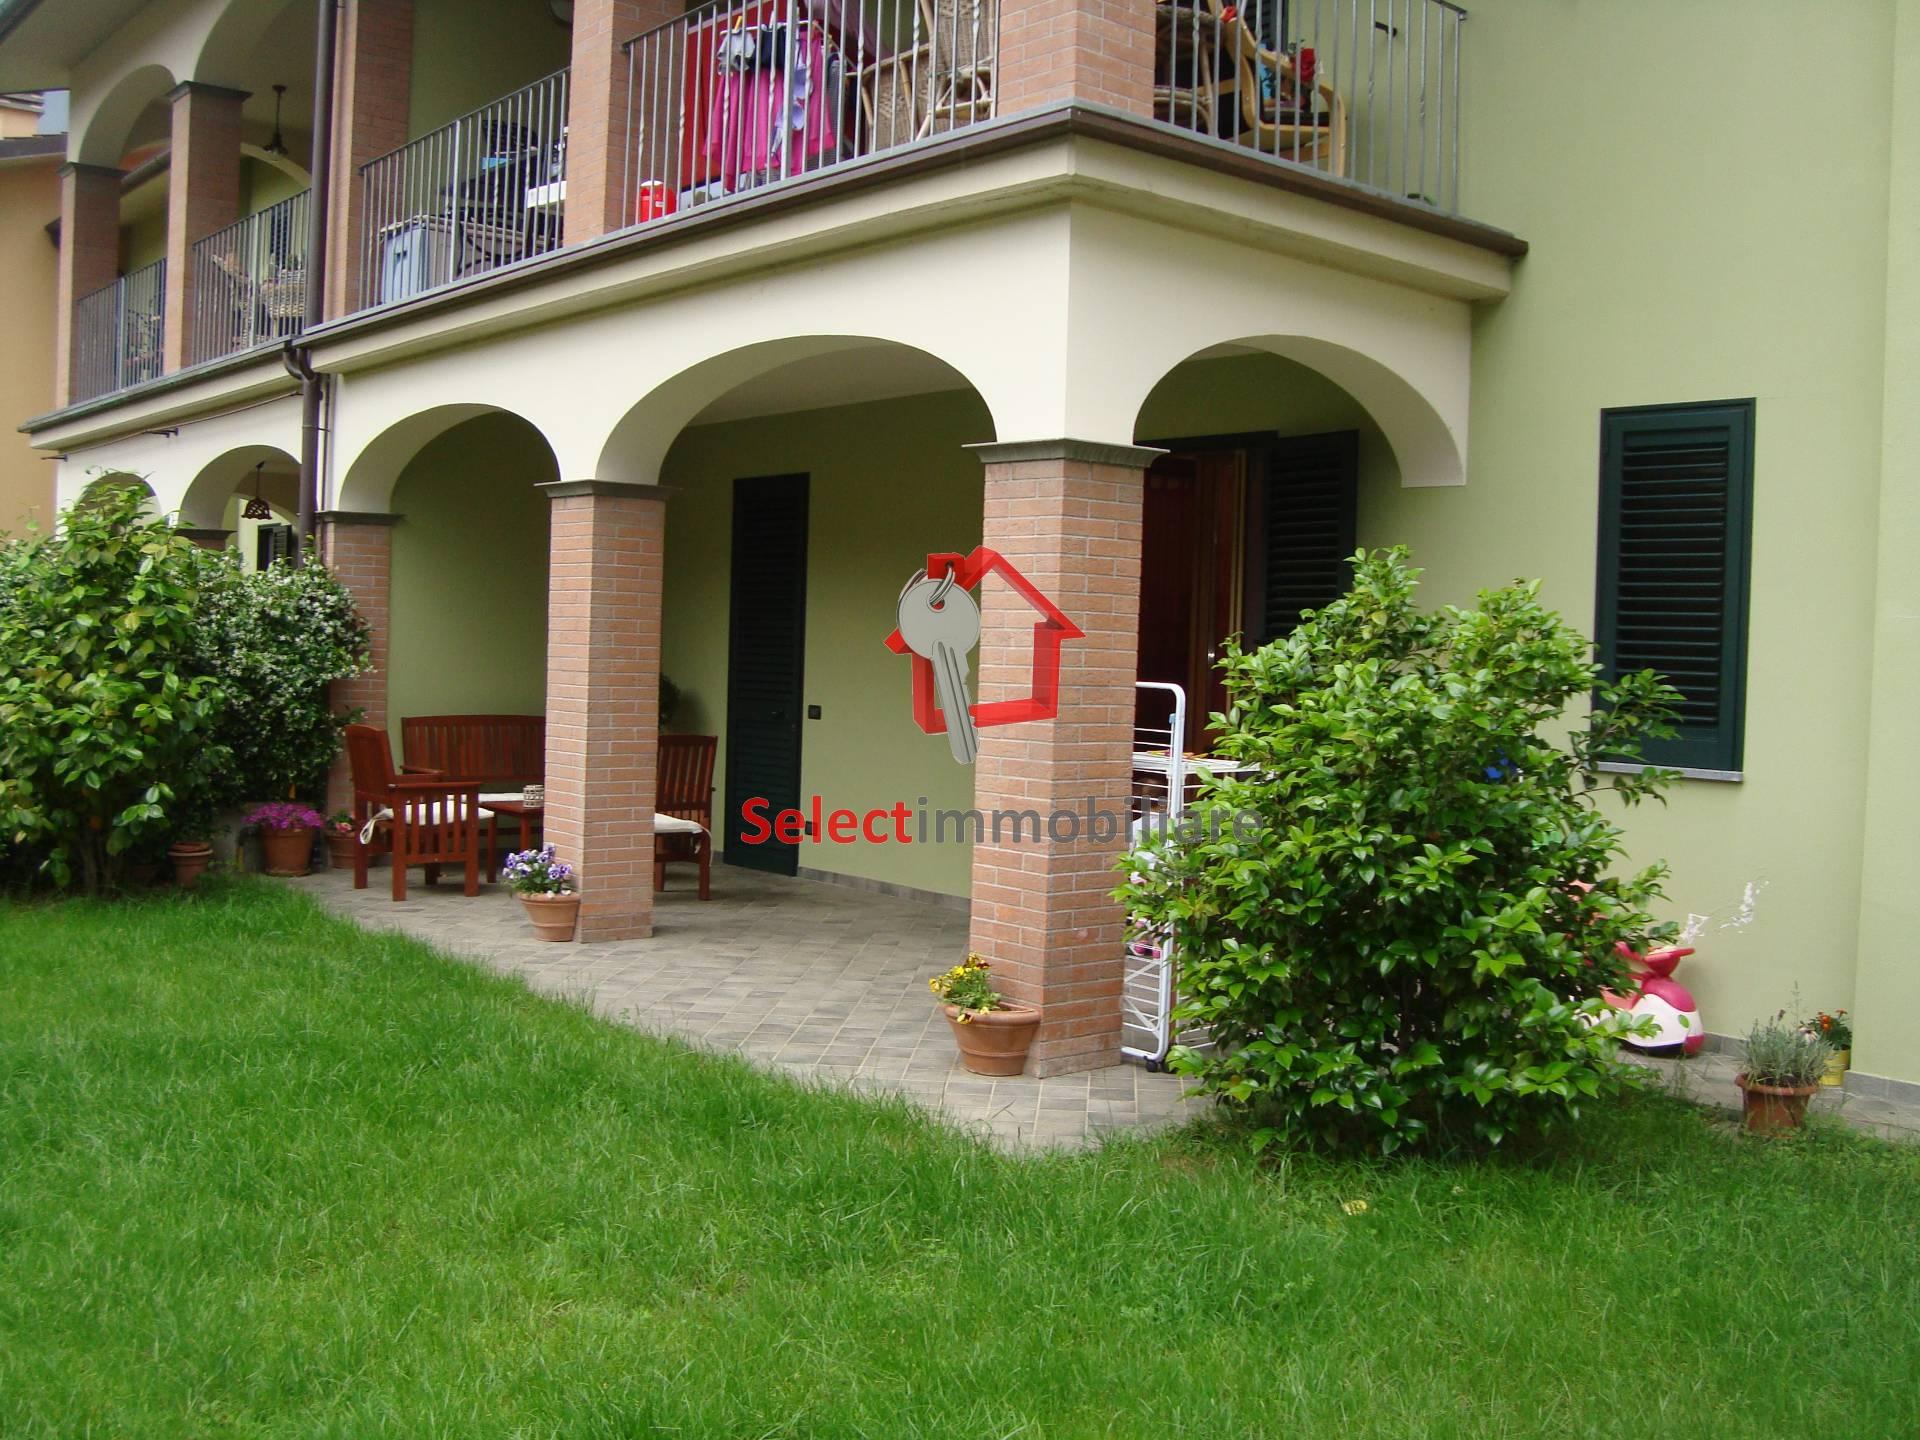 Appartamento in vendita a Coreglia Antelminelli, 3 locali, zona Località: PianodiCoreglia, prezzo € 165.000 | Cambio Casa.it